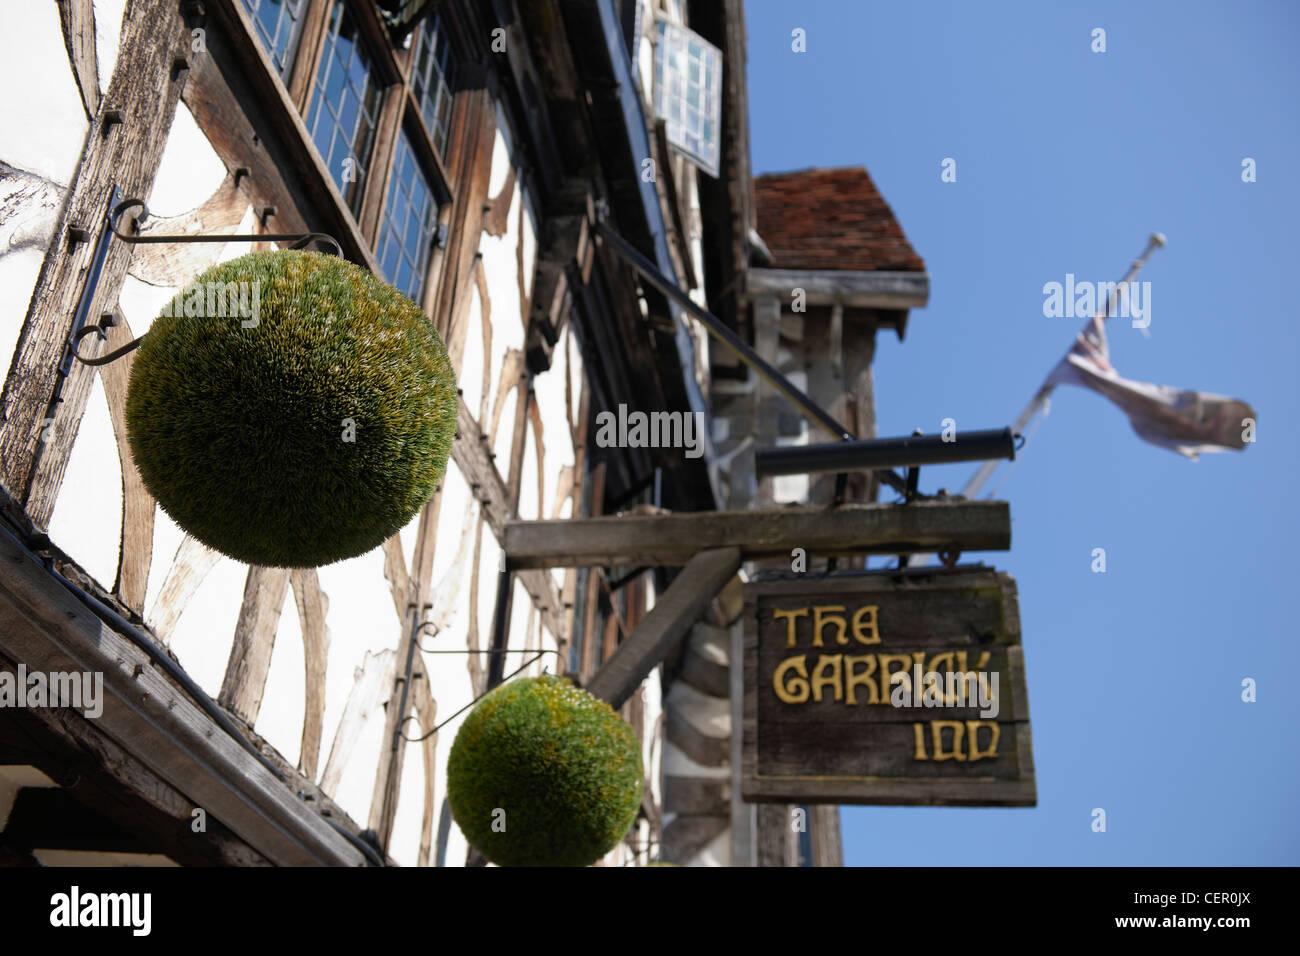 Hölzerne Schilder hängen außerhalb der Garrick Inn, ein schwarz / weiß Traditionskneipe die stammt aus dem 14. Jahrhundert Stockfoto